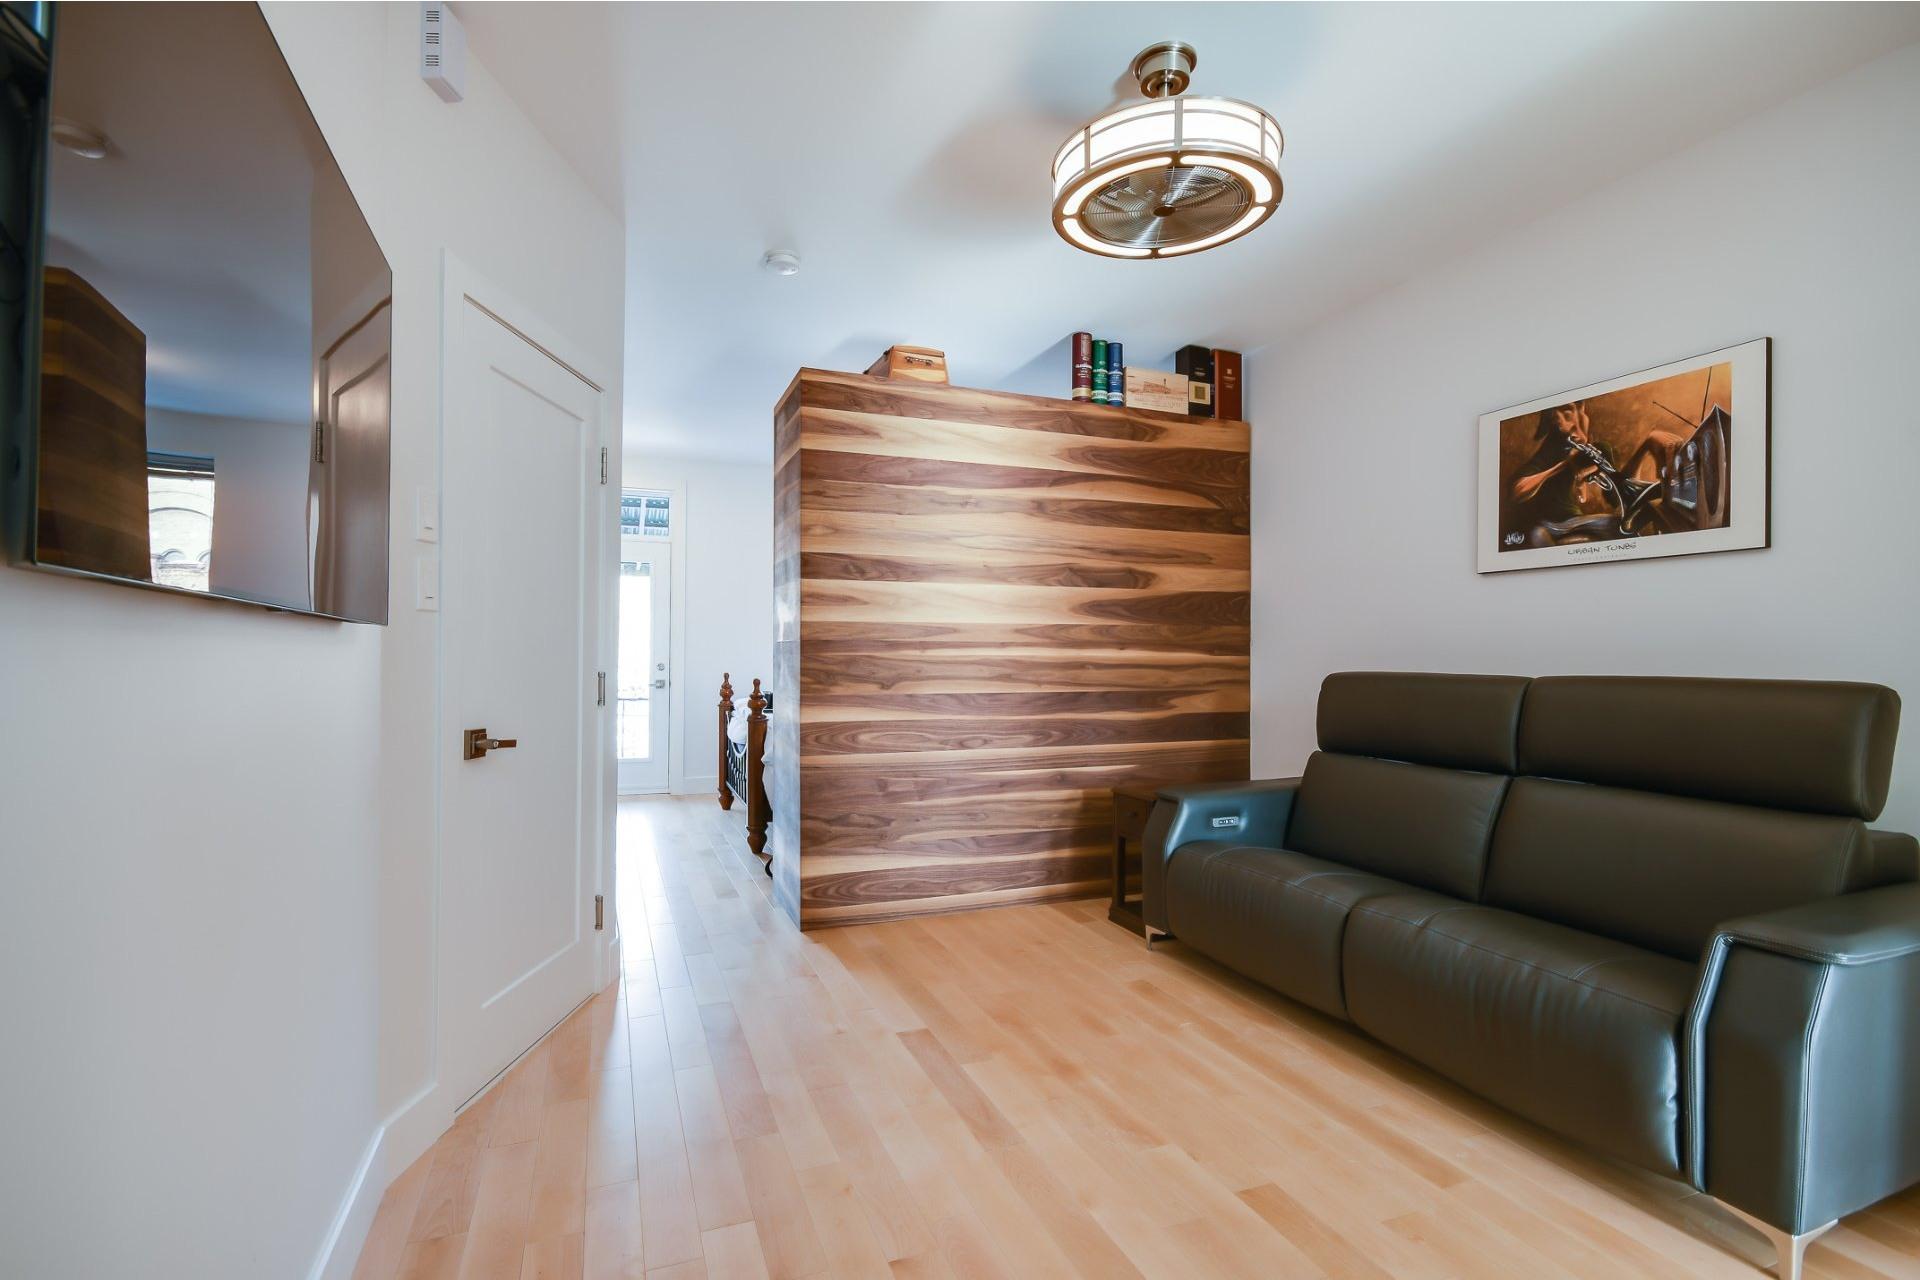 image 8 - Apartment For sale Rosemont/La Petite-Patrie Montréal  - 4 rooms